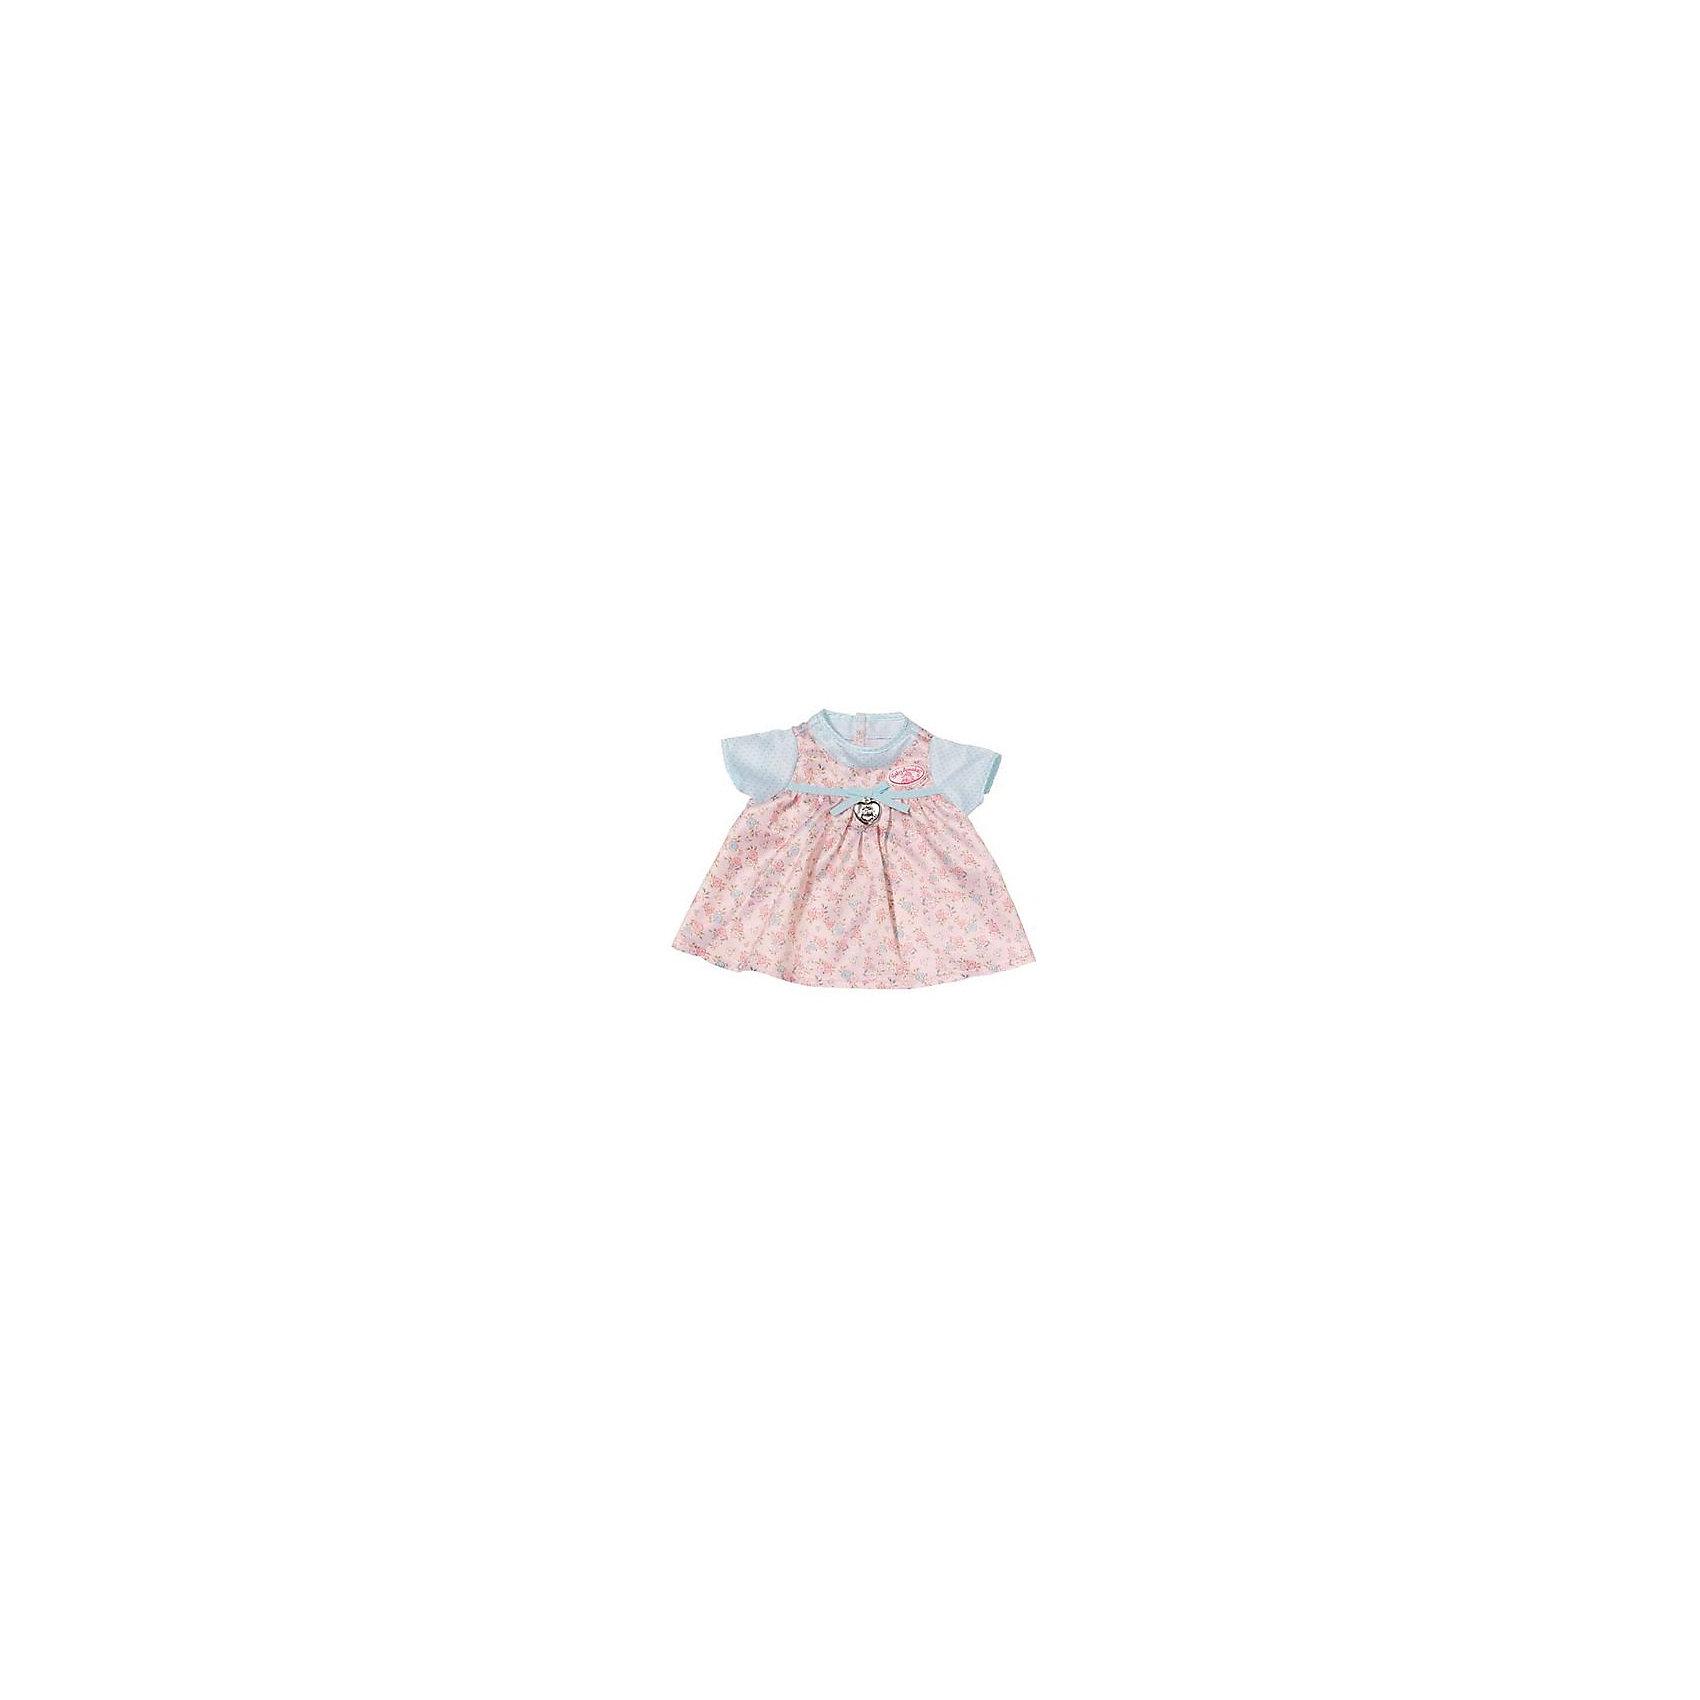 Платье для куклы, розово-голубое, Baby AnnabellКукольная одежда и аксессуары<br>Характеристики товара:<br><br>• материал: текстиль<br>• кукла продается отдельно<br>• украшено лентами<br>• подвеска в форме сердца<br>• декорировано цветочным принтом<br>• возраст: от трех лет<br>• страна производства: Китай<br>• страна бренда: Германия<br><br>Это симпатичное платье поможет украсить любимую куклу Baby Annabell! Платье отлично проработано, оно выполнено в нежных оттенках, украшено лентами и подвеской. <br><br>Платье для куклы, розово-голубое, Baby Annabell, от компании Zapf Creation можно купить в нашем интернет-магазине.<br><br>Ширина мм: 274<br>Глубина мм: 276<br>Высота мм: 7<br>Вес г: 62<br>Возраст от месяцев: 36<br>Возраст до месяцев: 60<br>Пол: Женский<br>Возраст: Детский<br>SKU: 5471883